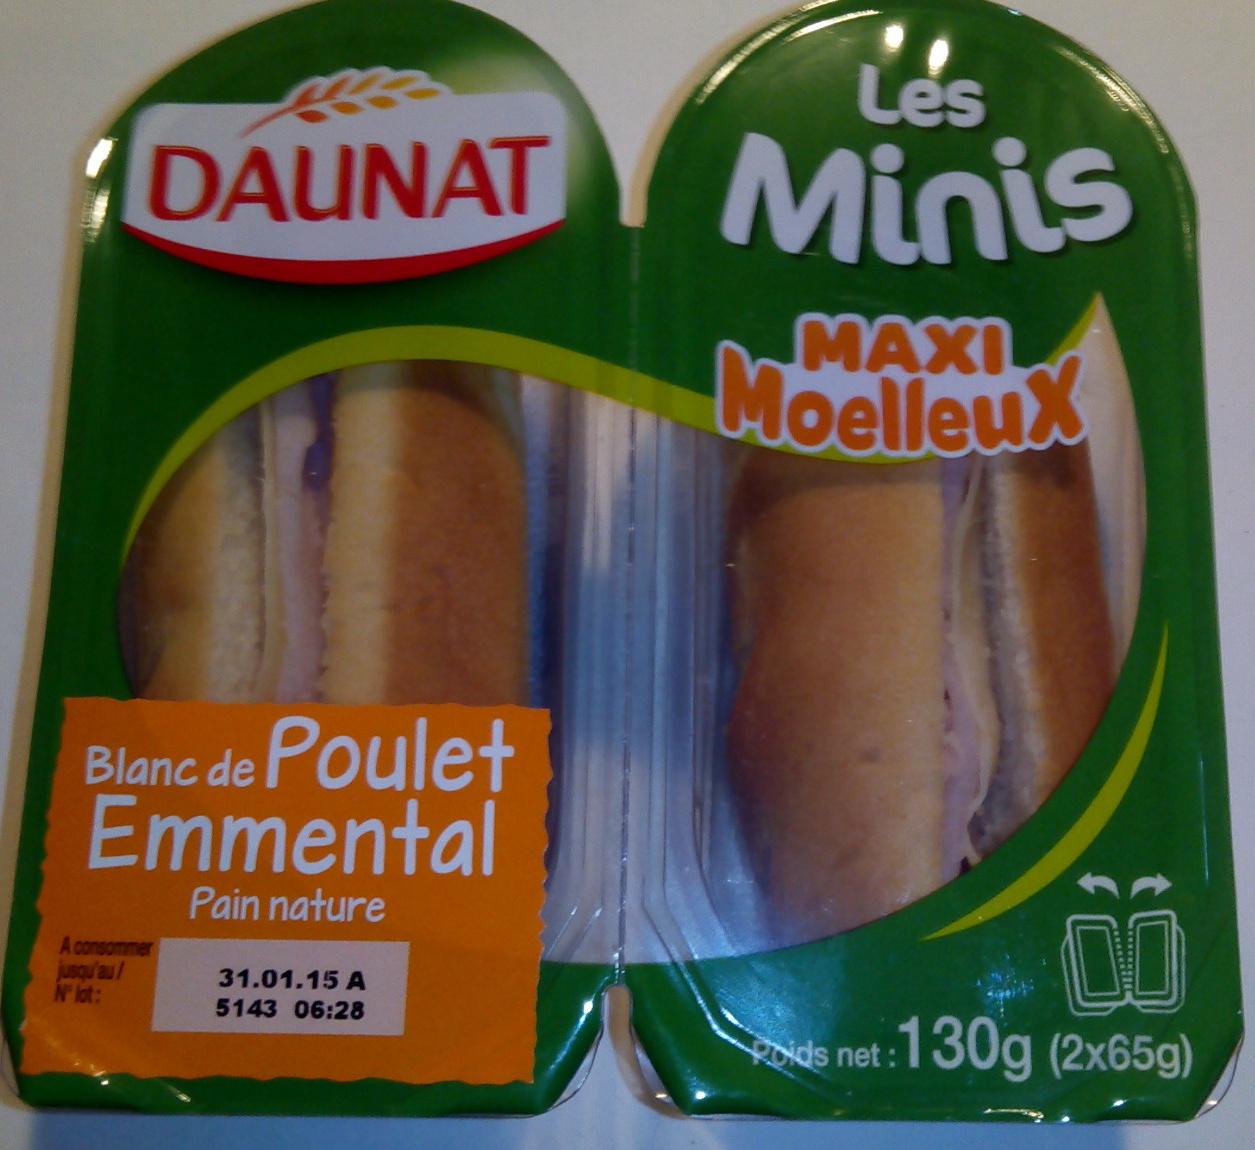 Les minis maxi moelleux blanc de poulet emmental daunat - Cuisiner des blancs de poulet moelleux ...